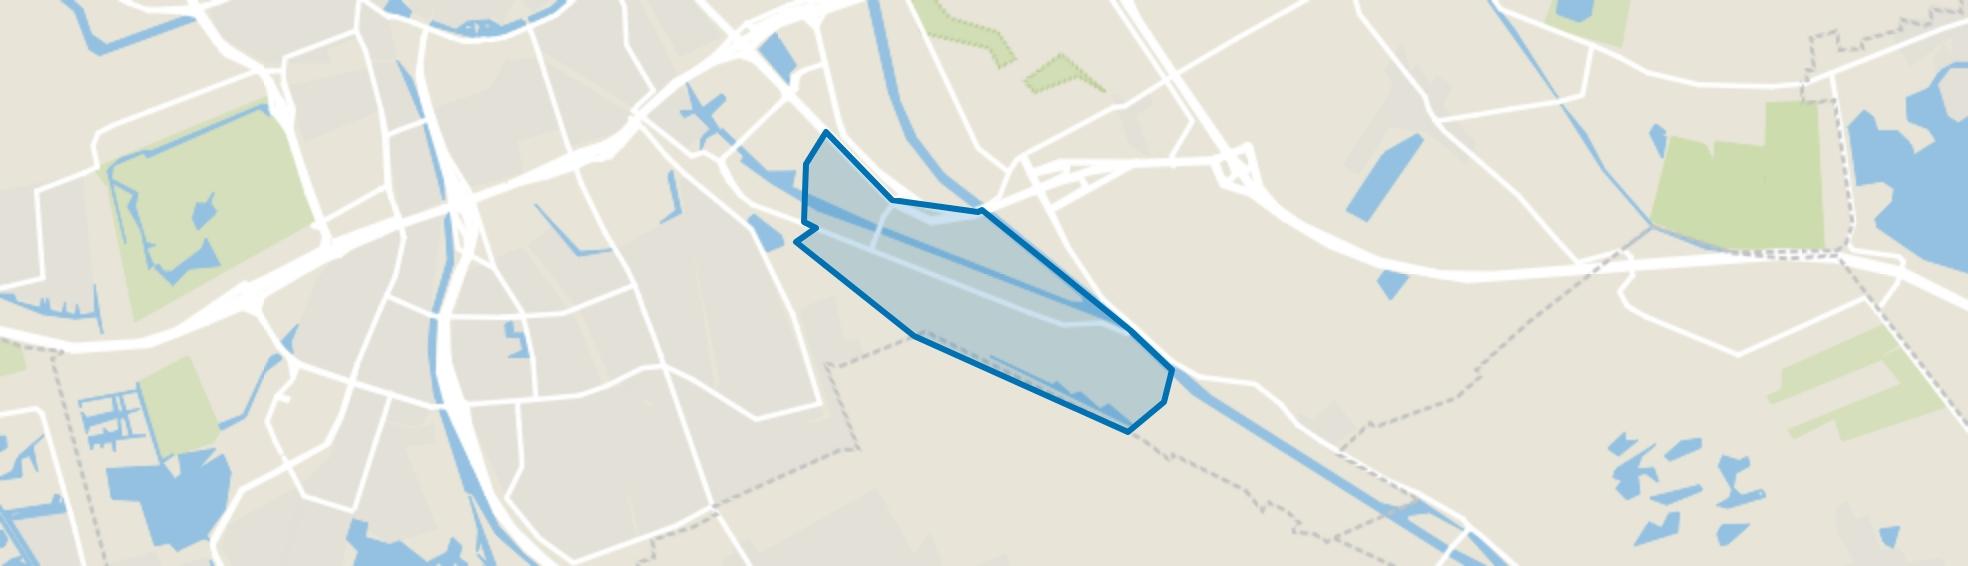 Winschoterdiep, Groningen map